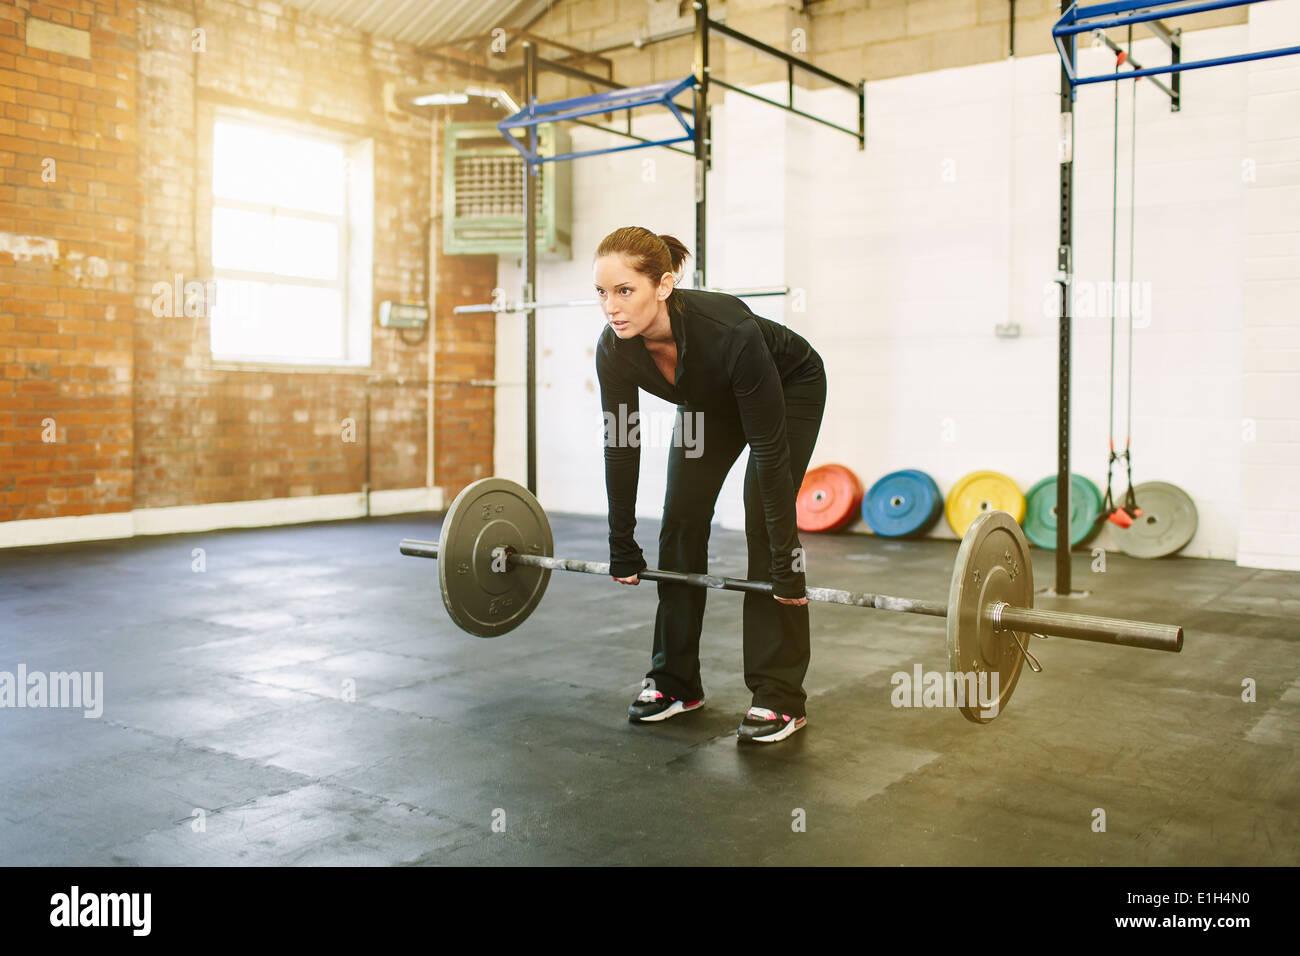 Frau heben Langhantel im Fitness-Studio Stockbild